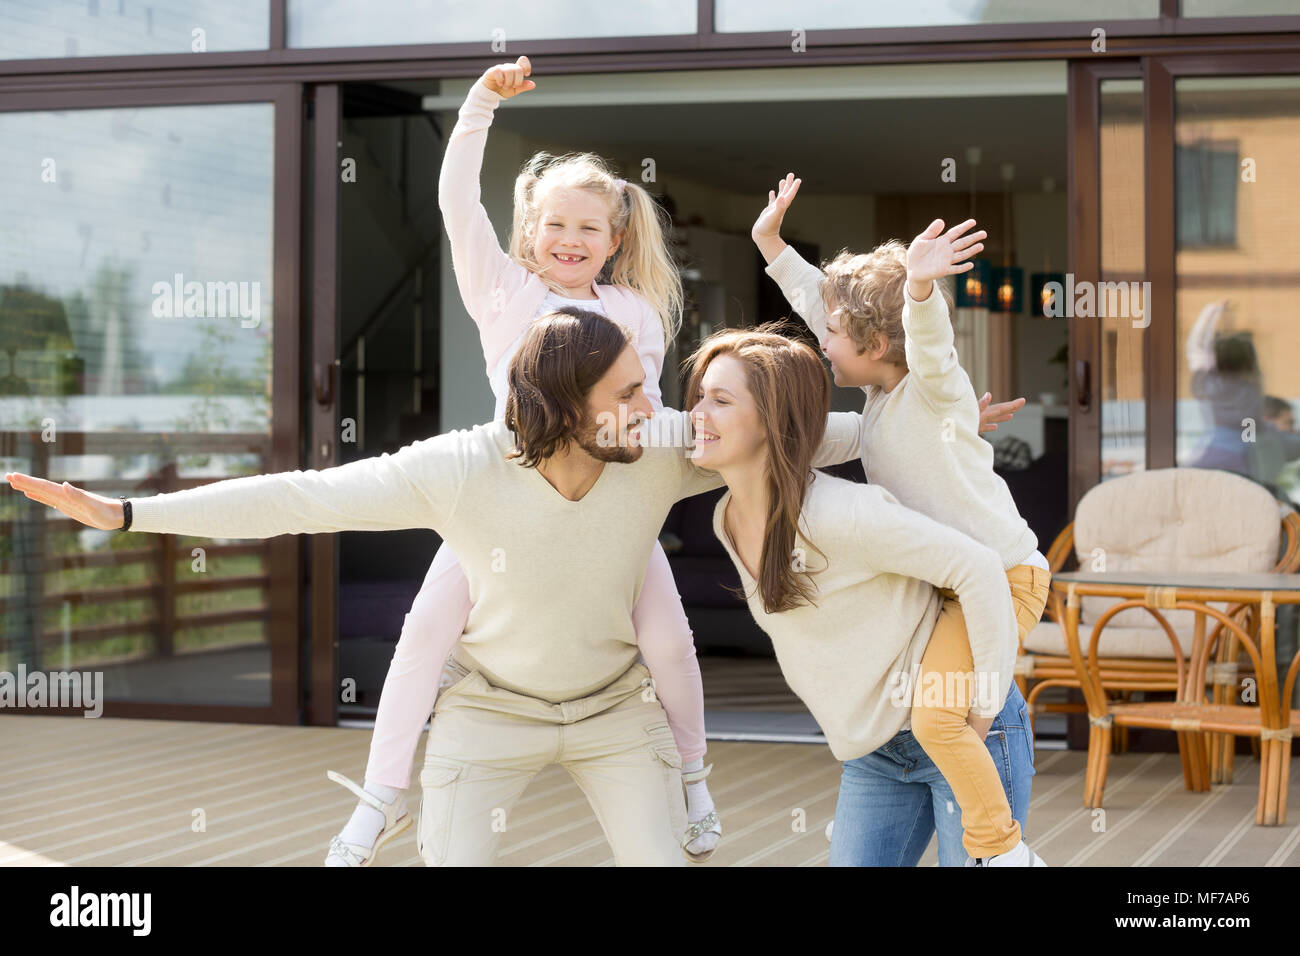 Sorridente genitori piggybacking giocando con i bambini a trascorrere del tempo Immagini Stock